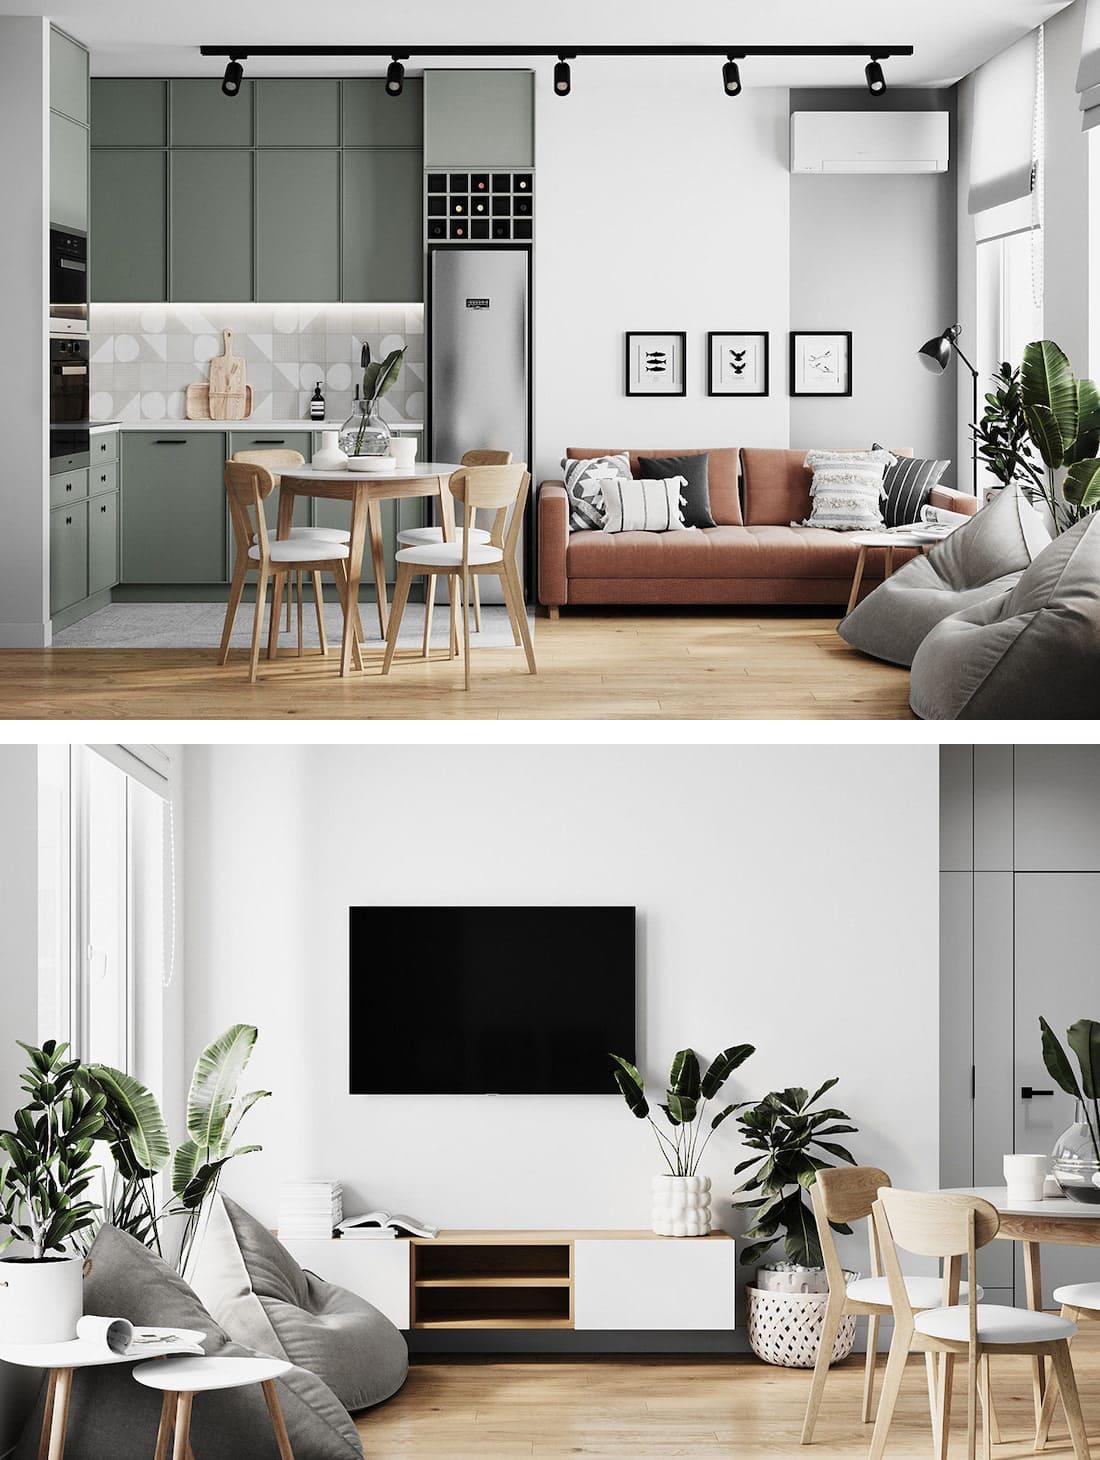 дизайн интерьера гостиной фото 15